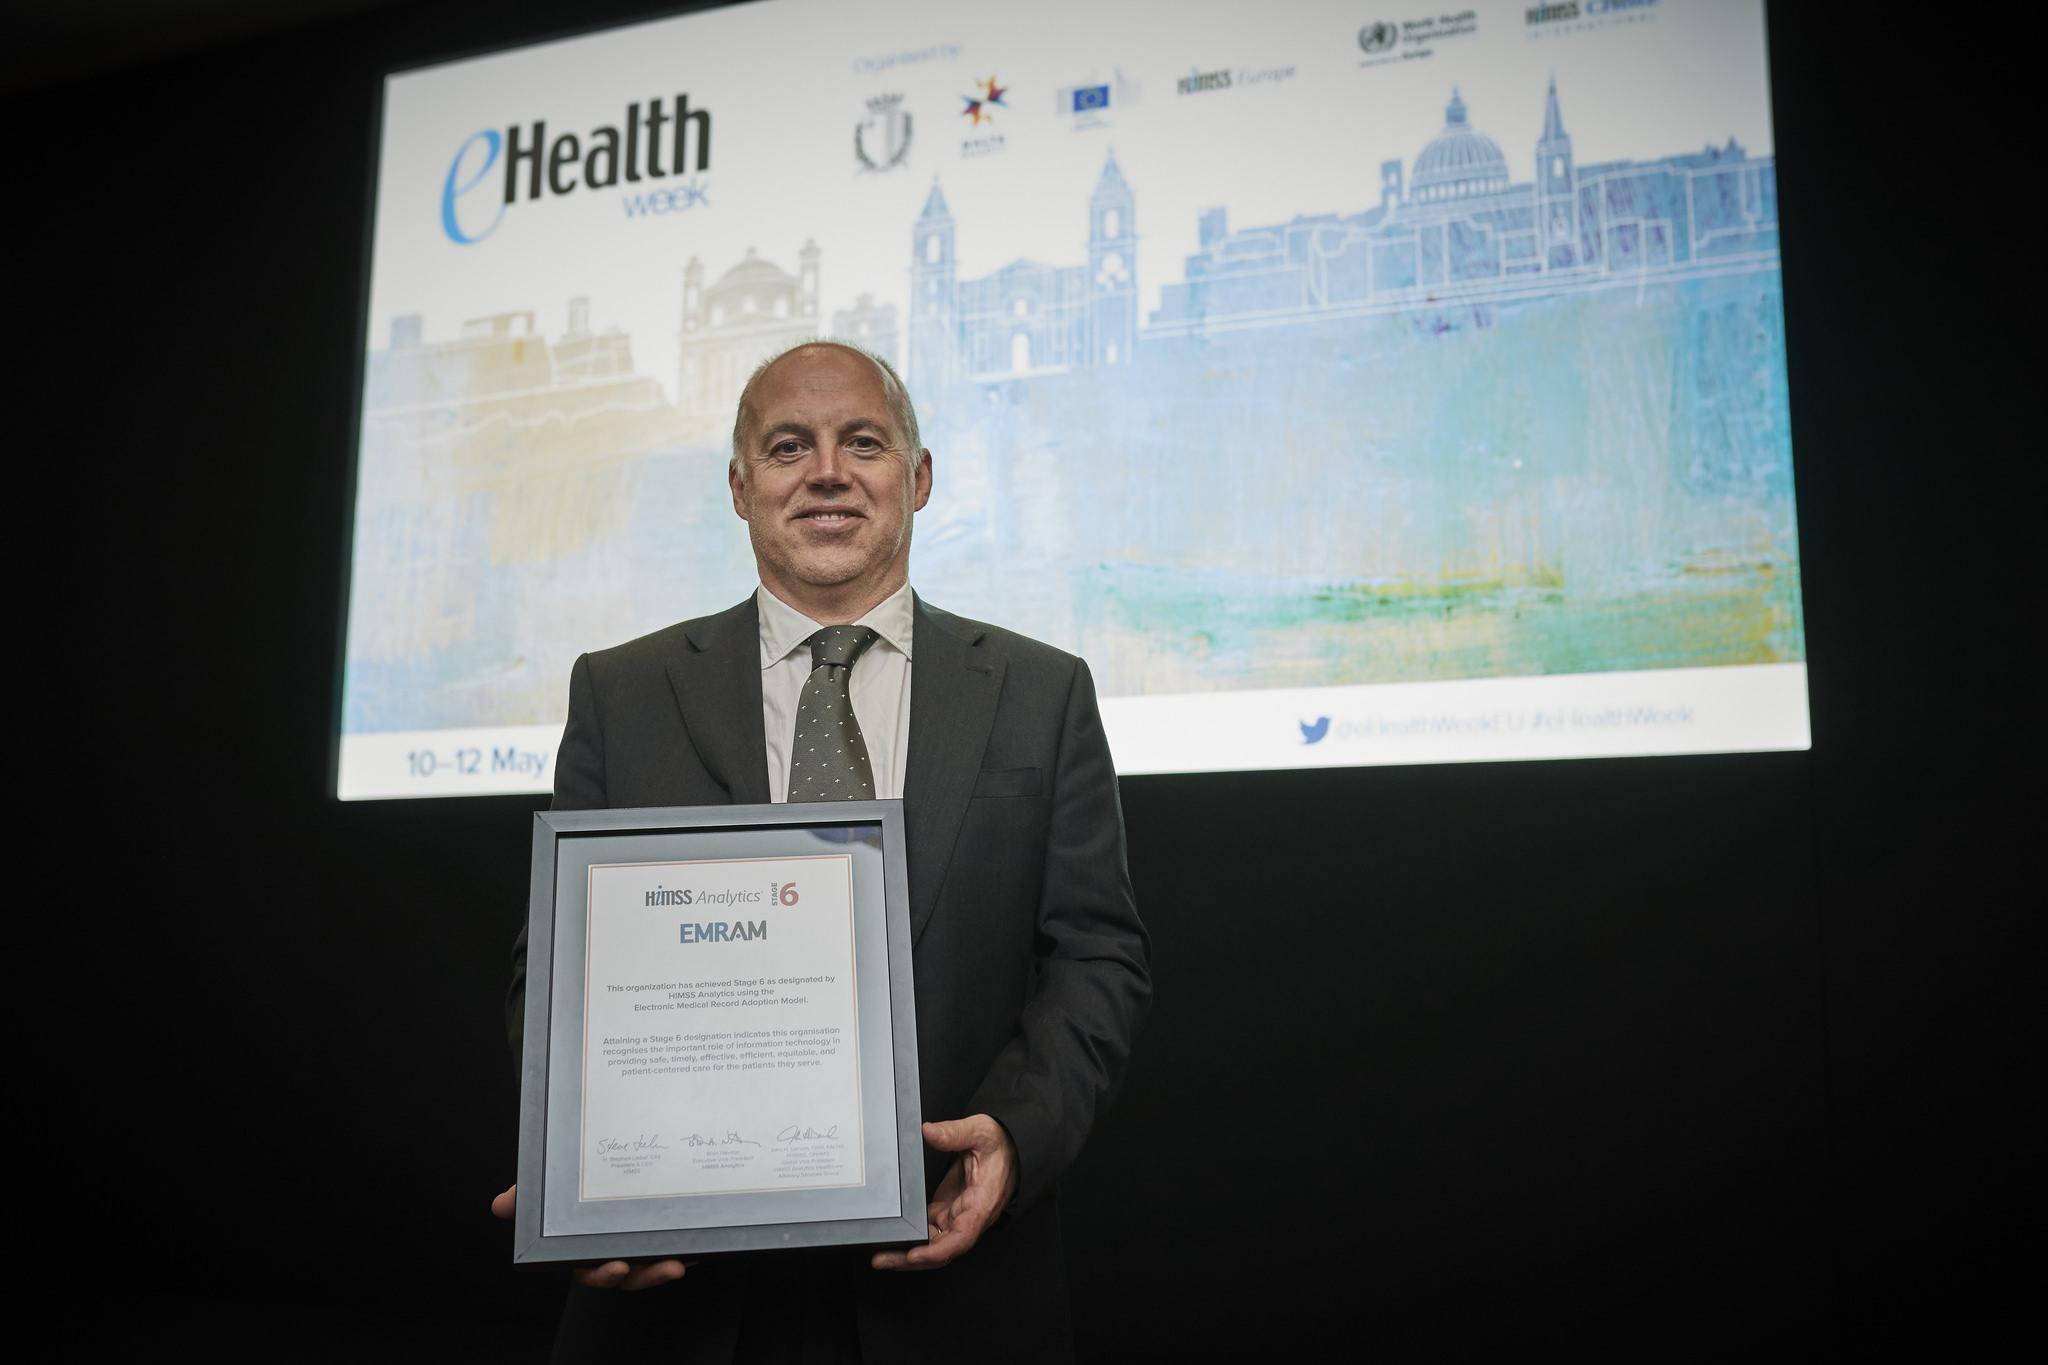 El Hospital Universitario Donostia galardonado con el nivel 6 de HIMSS